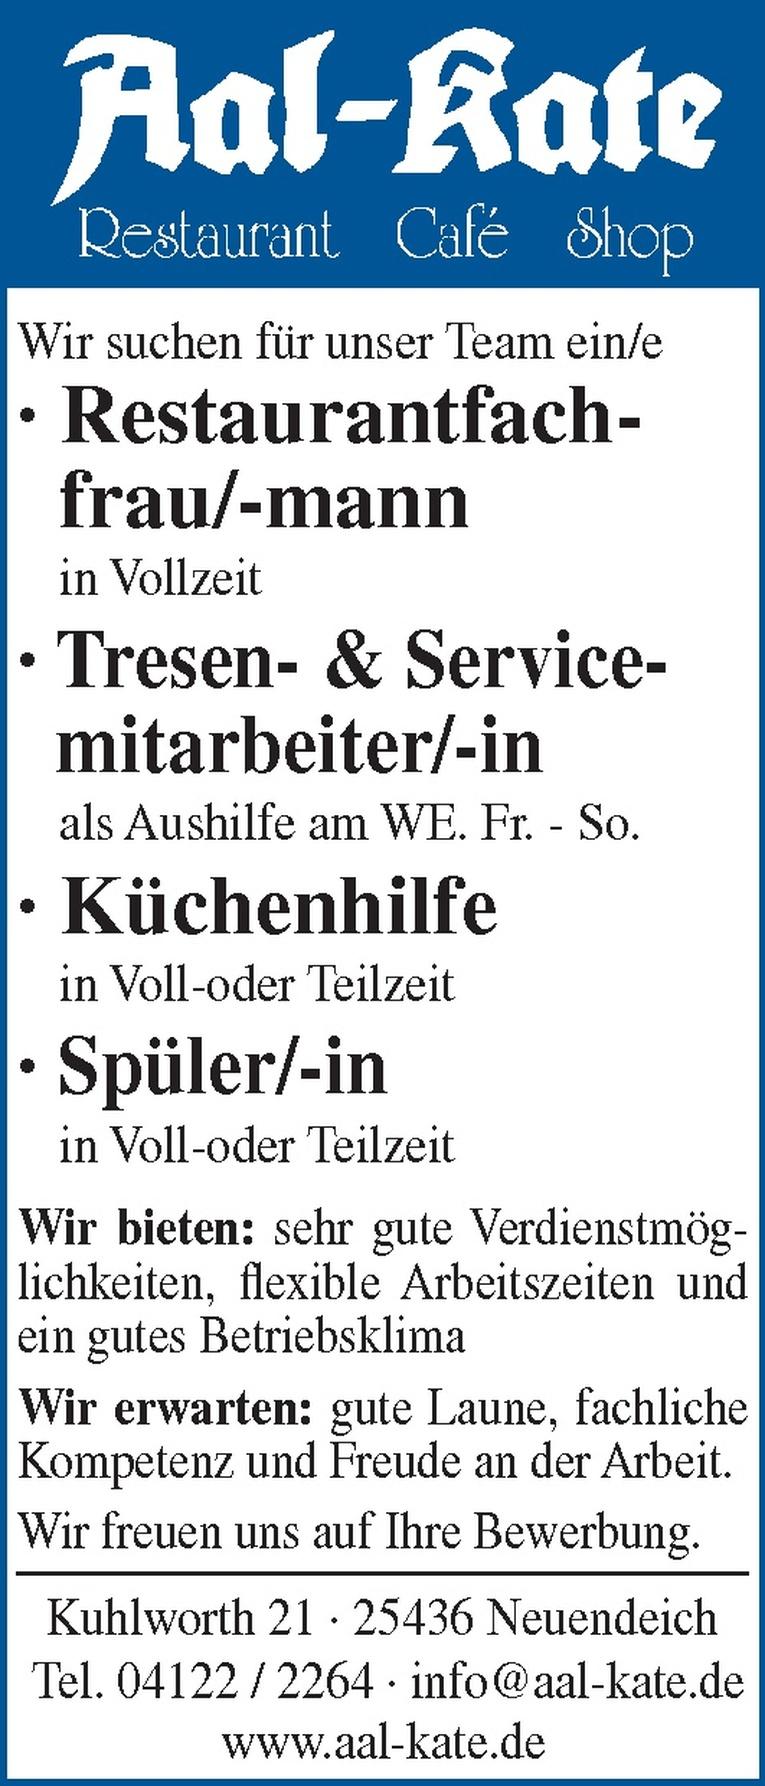 Tresen- & Servicemitarbeiter/-in